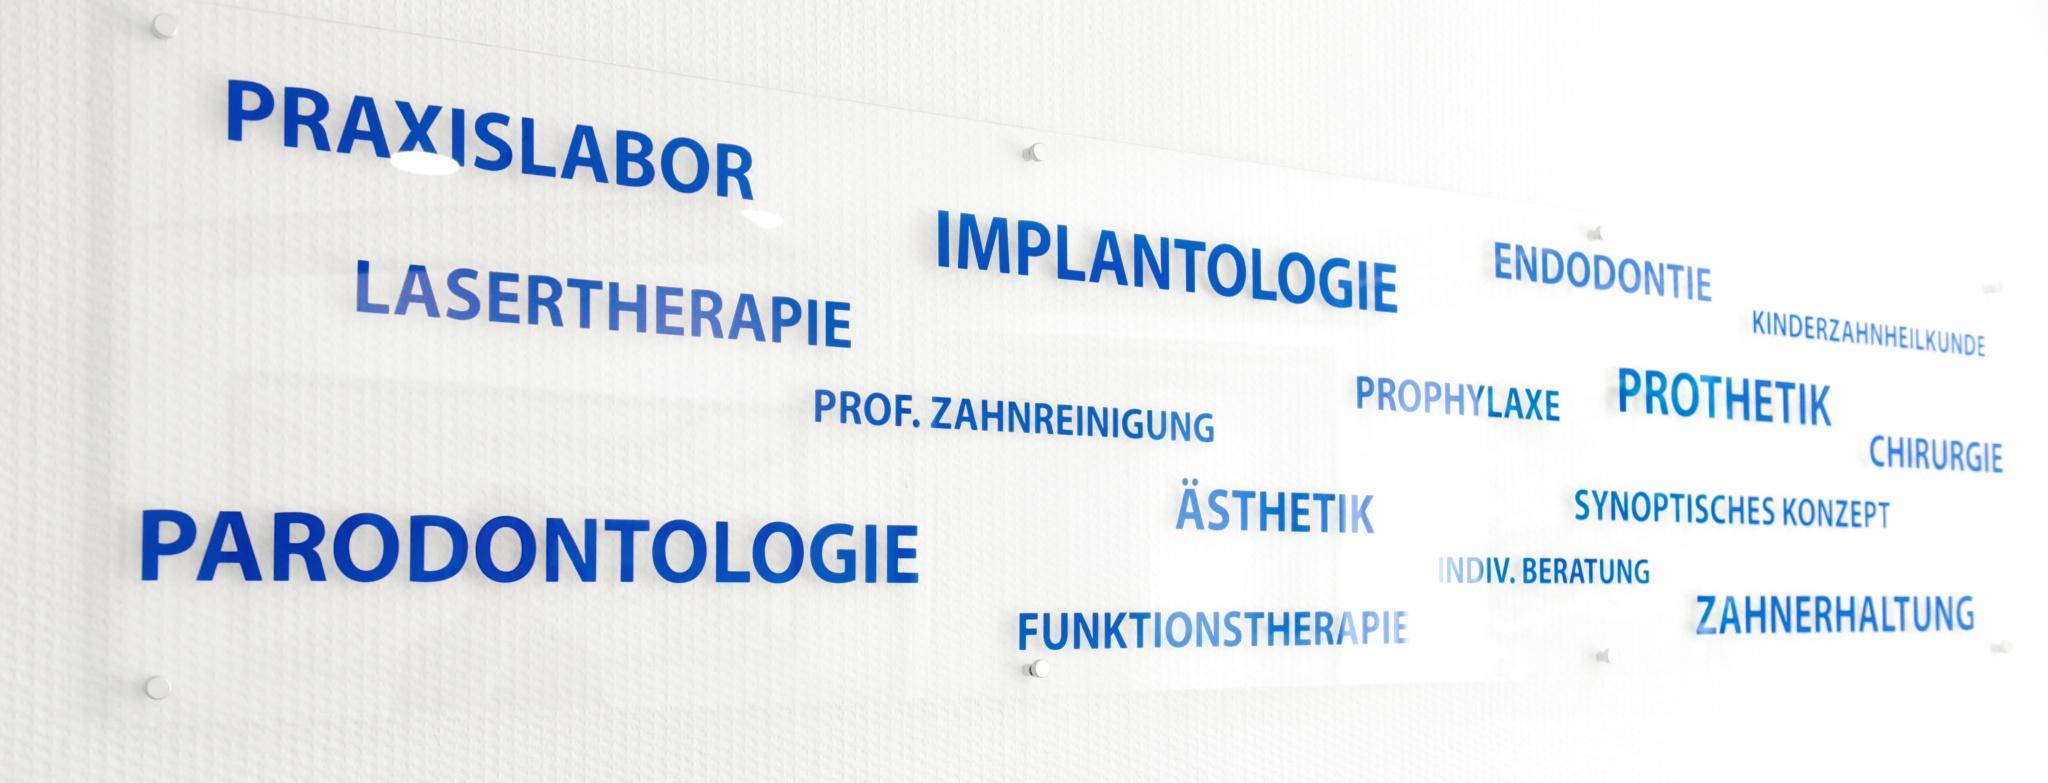 Leistungen der Zahnarztpraxis Dr. Fischer: Praxislabor, Implantologie, Endodontie, Kinderzahnheilkunde, Lasertherapie, Prophylaxe, Prothetik, Chirurgie, Ästhetik, Parodontologie, Funktionstherapie, Zahnerhaltung